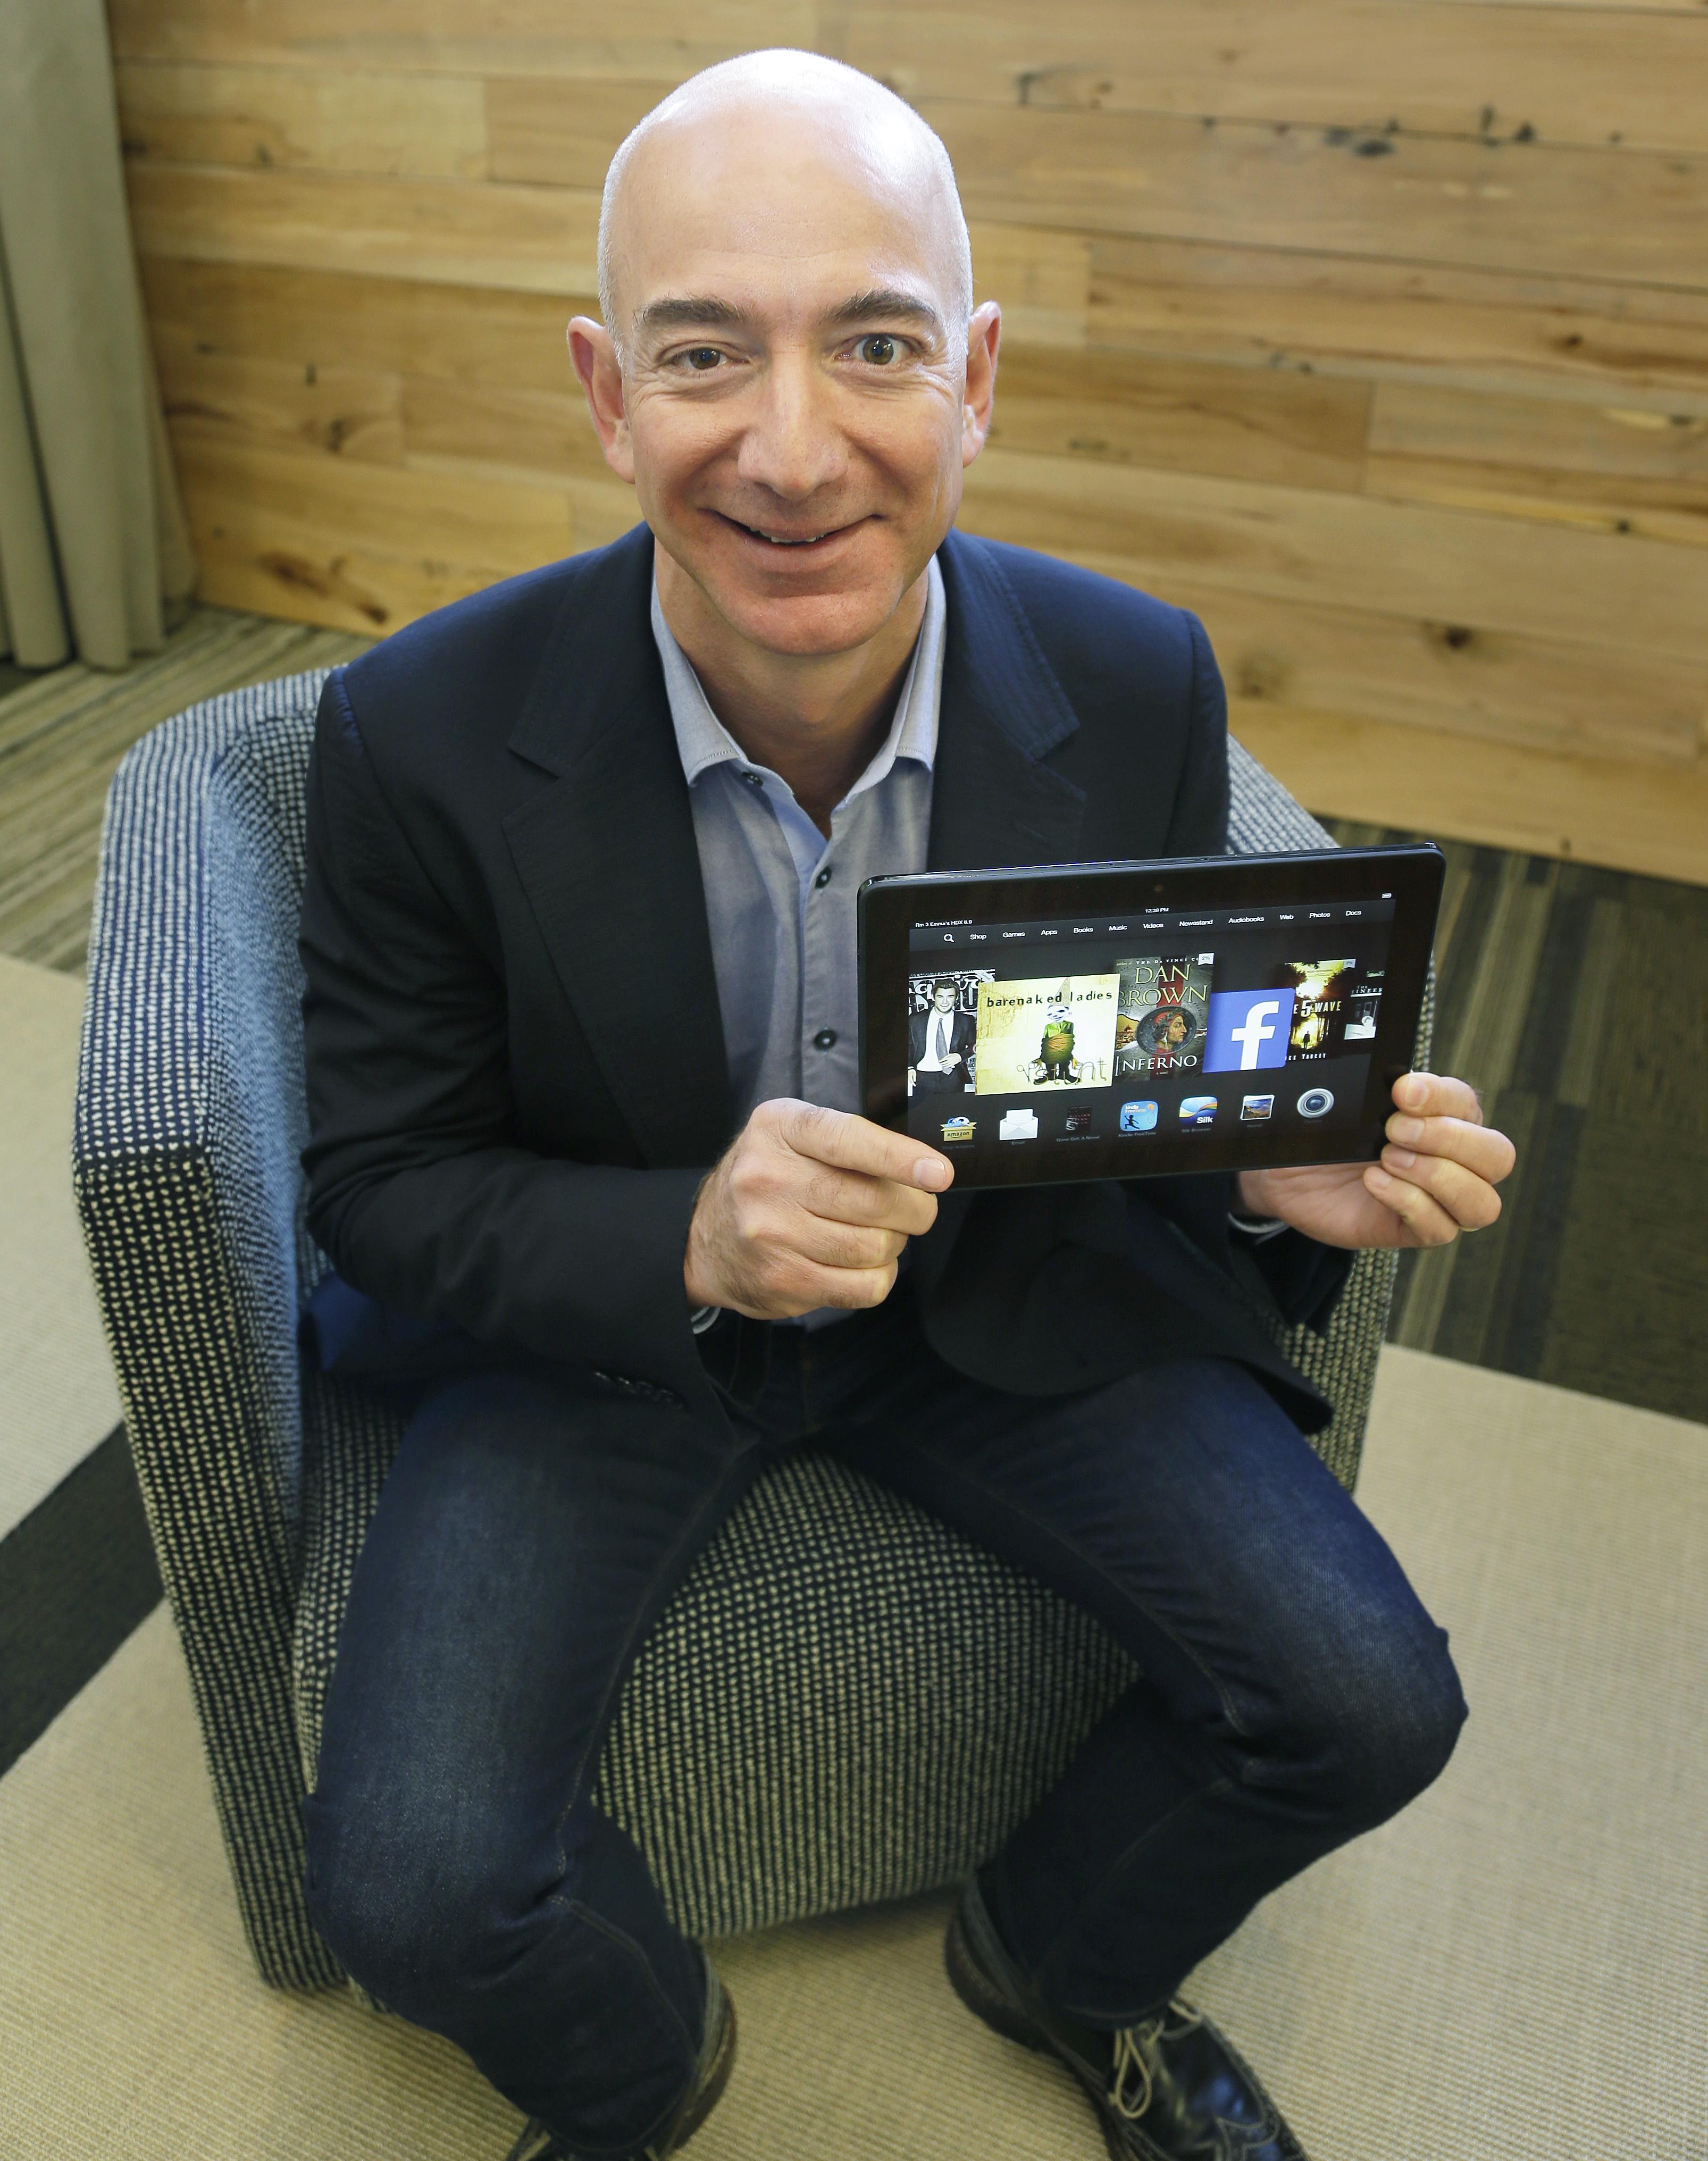 1011bezos-mug Jeff Bezos